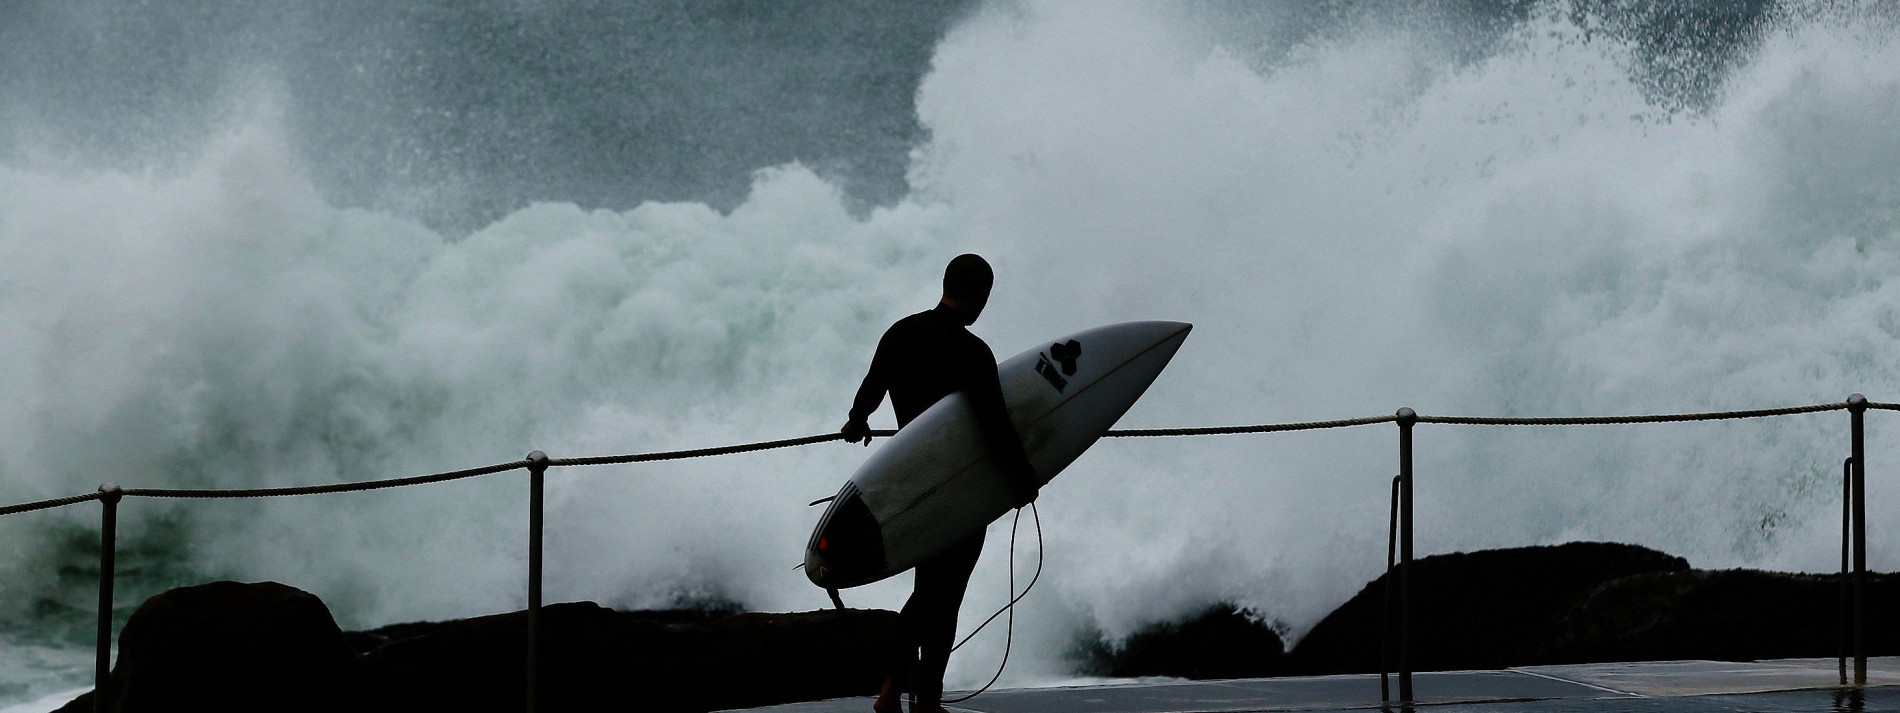 17 Jahre alter Surfer stirbt bei Hai-Angriff in Australien